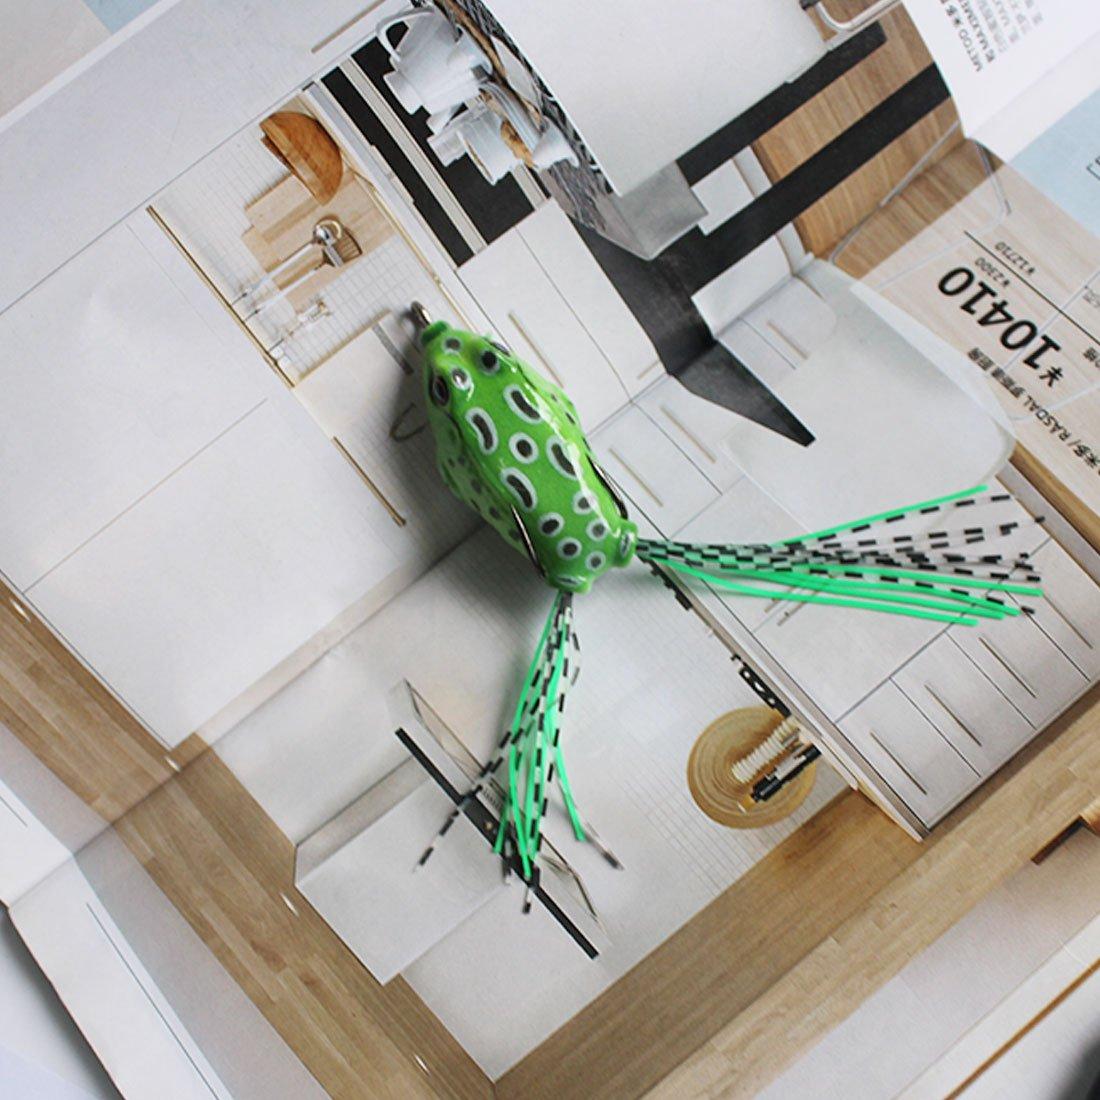 NoyoKere Doux Tube App/ât En Plastique Leurres de P/êche Artificielle Grenouille Leurre Aigus Crochets Ray Frog Artificielle Doux App/ât 5.5 CM 8G